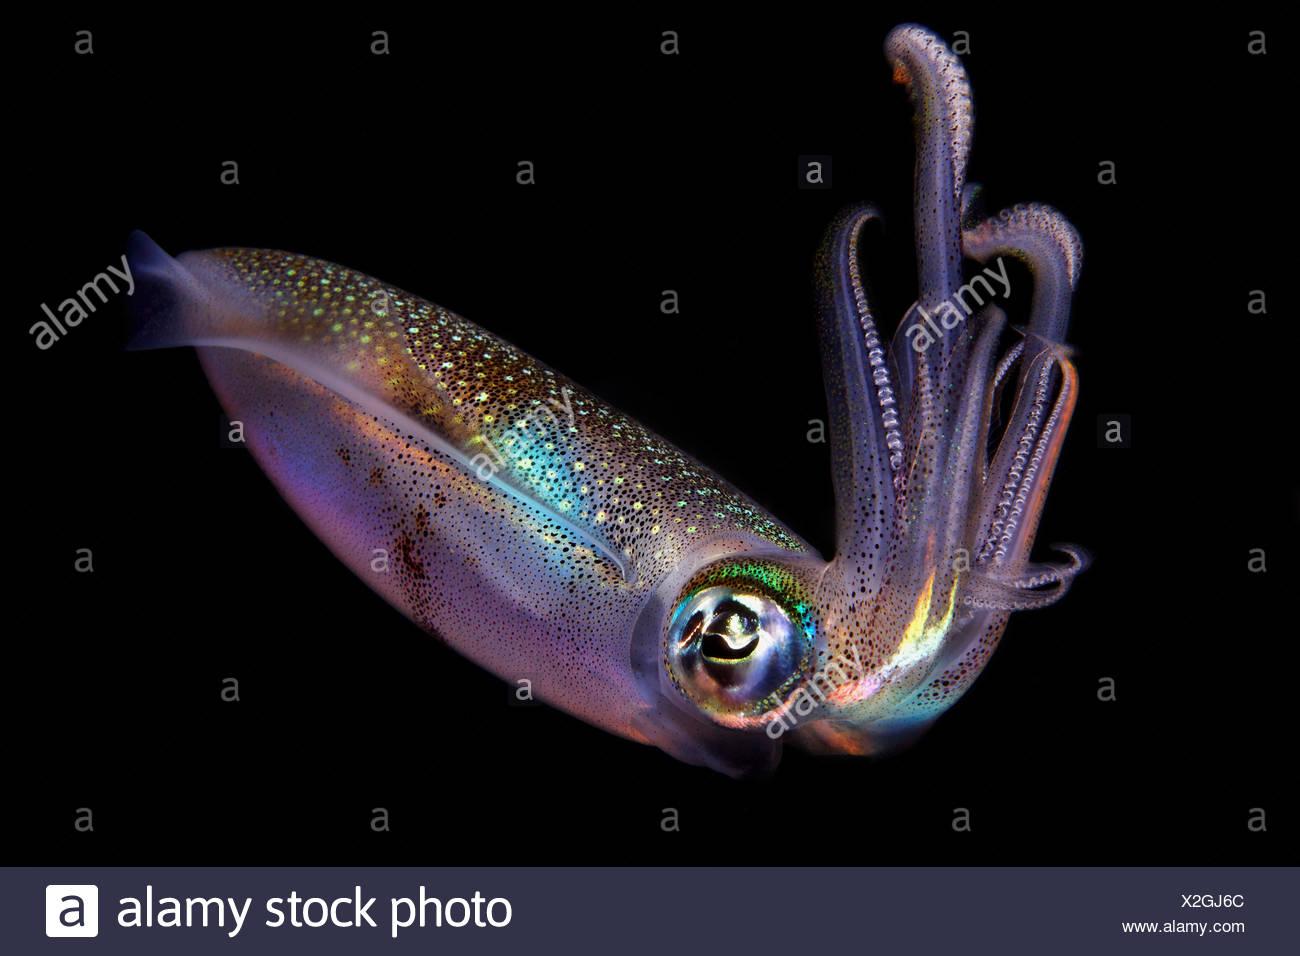 Bigfin reef squid (Sepioteuthis lessoniana), near Dumaguete, Dauin, Philippines, Pacific Ocean, underwater shot - Stock Image